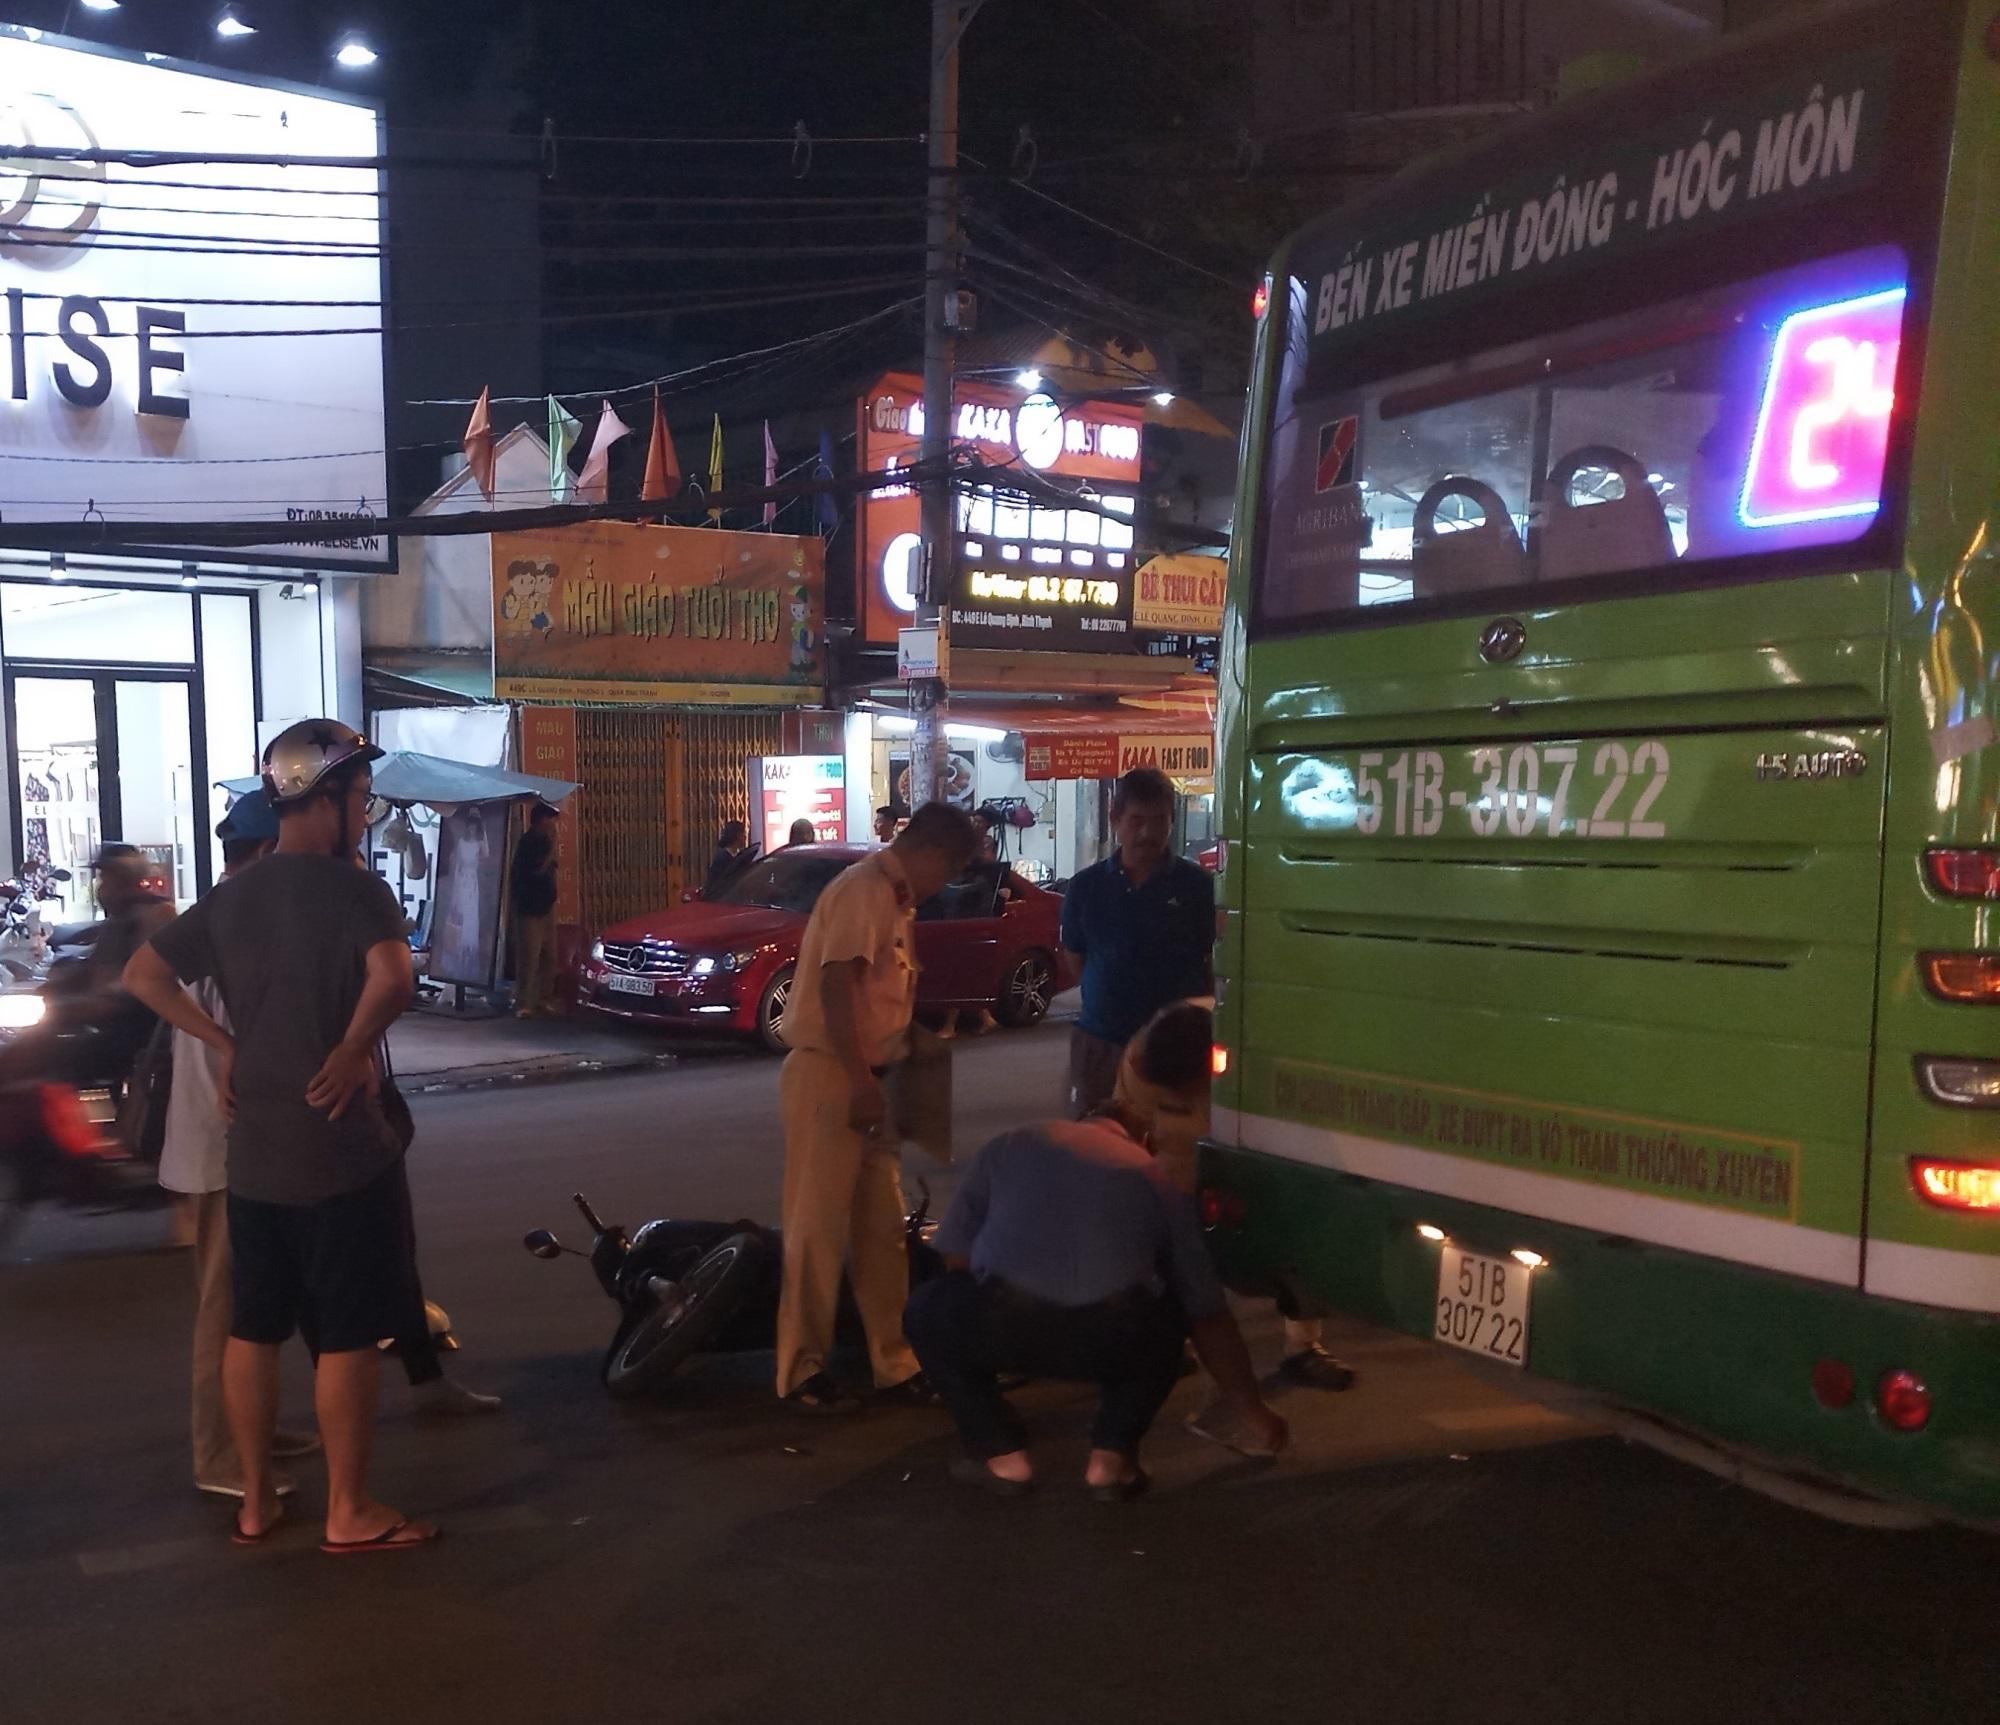 Nam thanh niên đi xe máy đâm vào đuôi xe buýt bất tỉnh - Ảnh 3